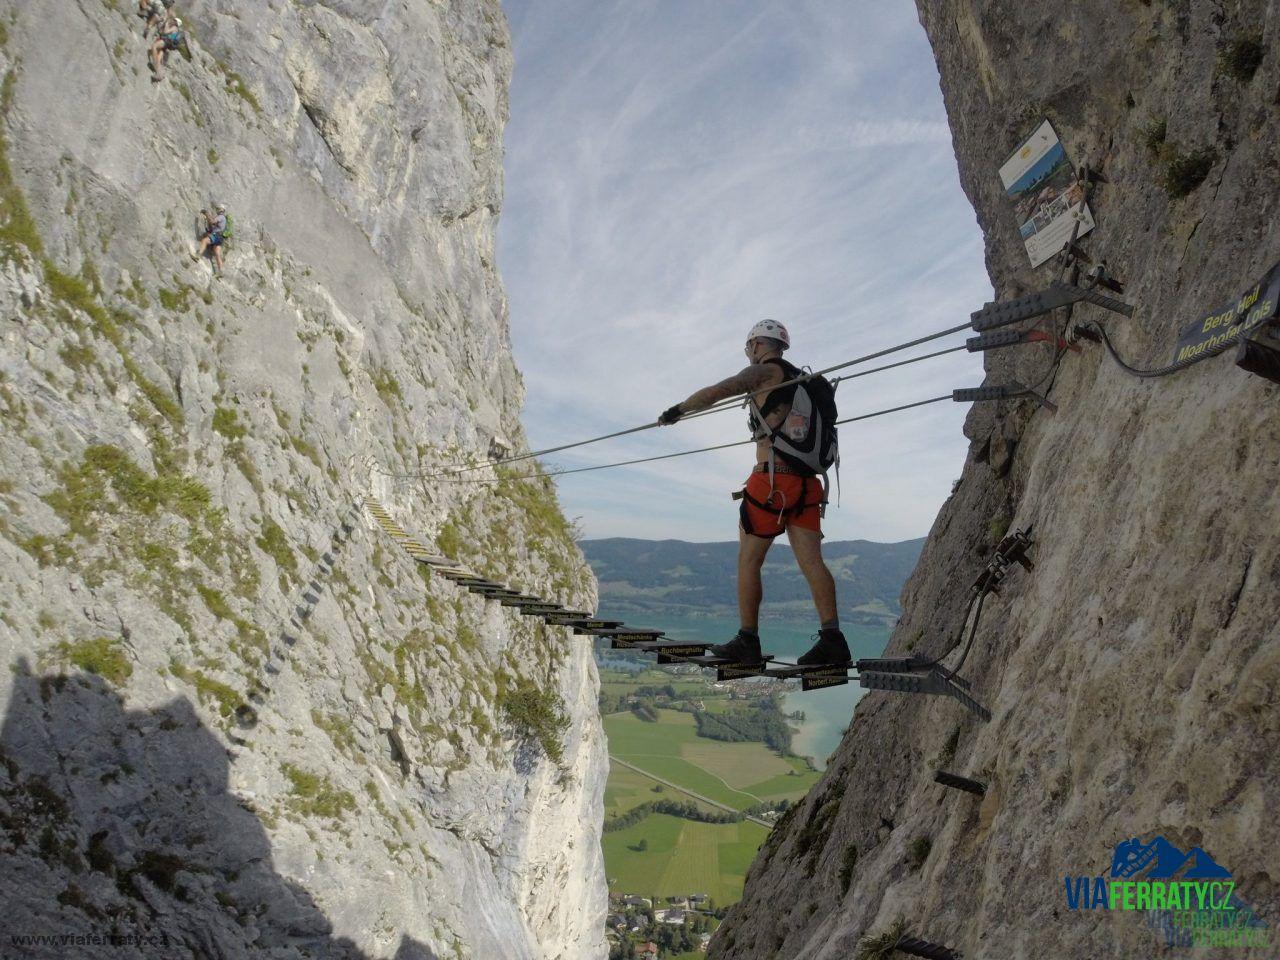 Klettersteig Drachenwand : Drachenwand klettersteig viaferraty cz